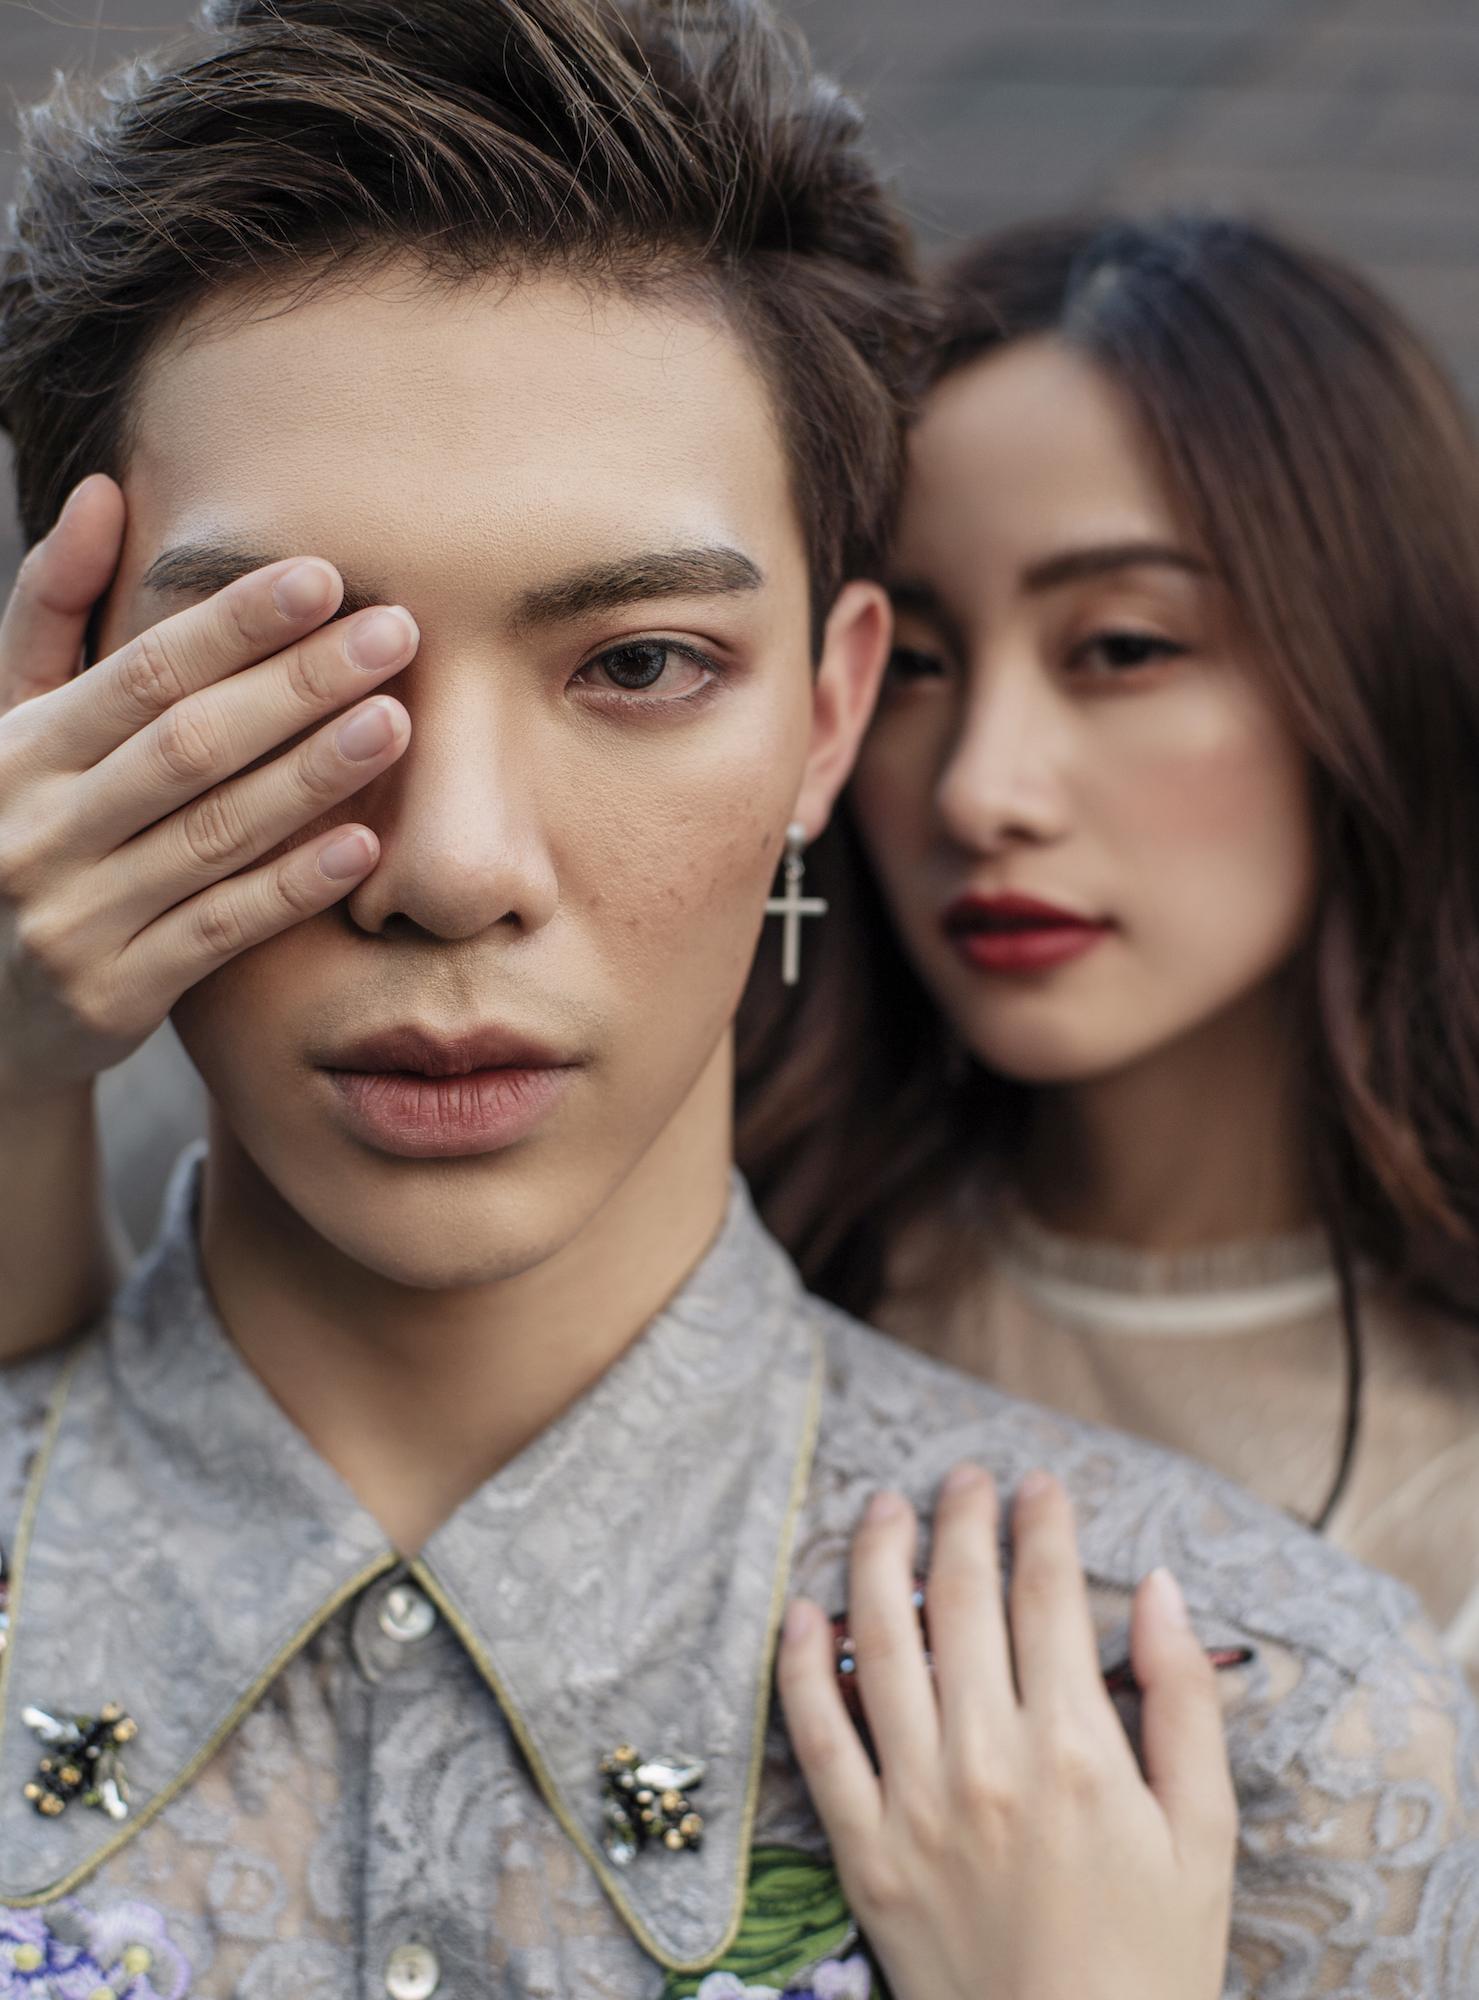 Bộ ảnh thời trang đẹp lung linh của Erik và Jun sau hit 'Chạm đáy nỗi đau'  7